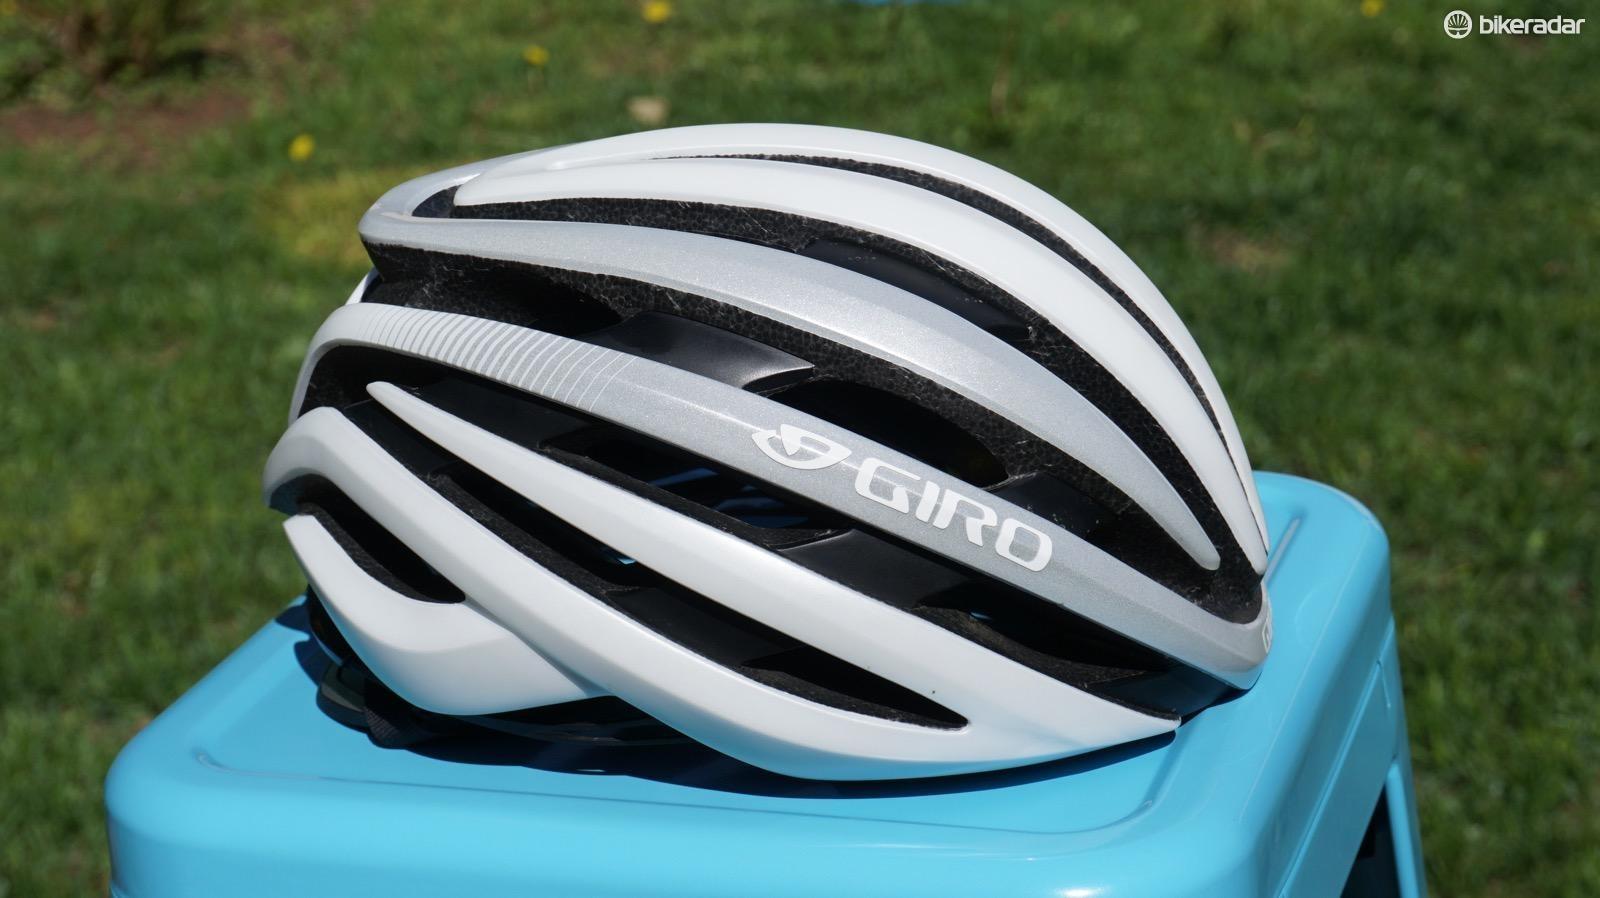 The Cinder MIPS is Giro's second-tier road helmet